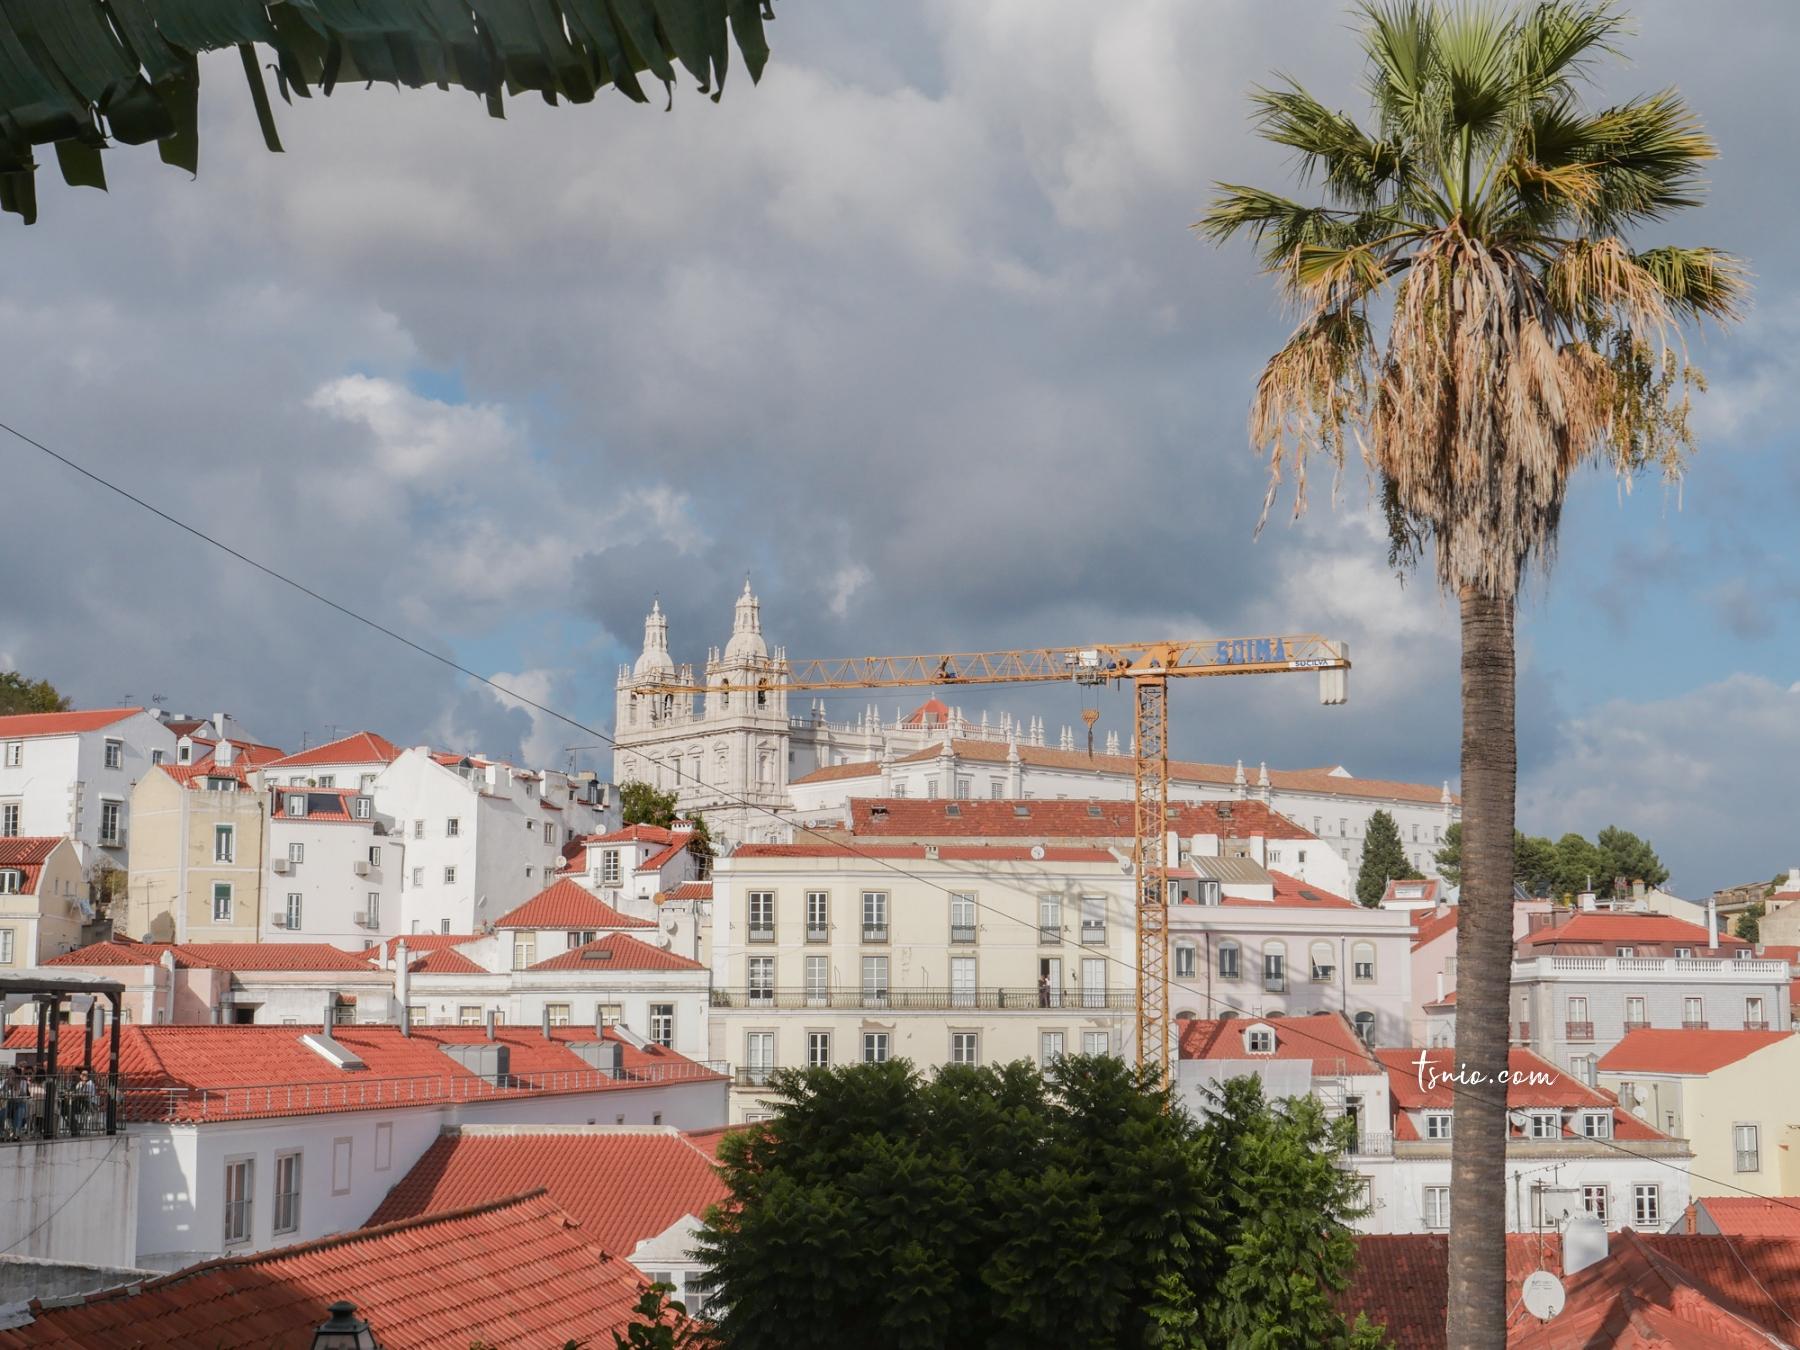 葡萄牙里斯本景點 太陽門廣場、太陽門觀景台、歷史漫畫牆